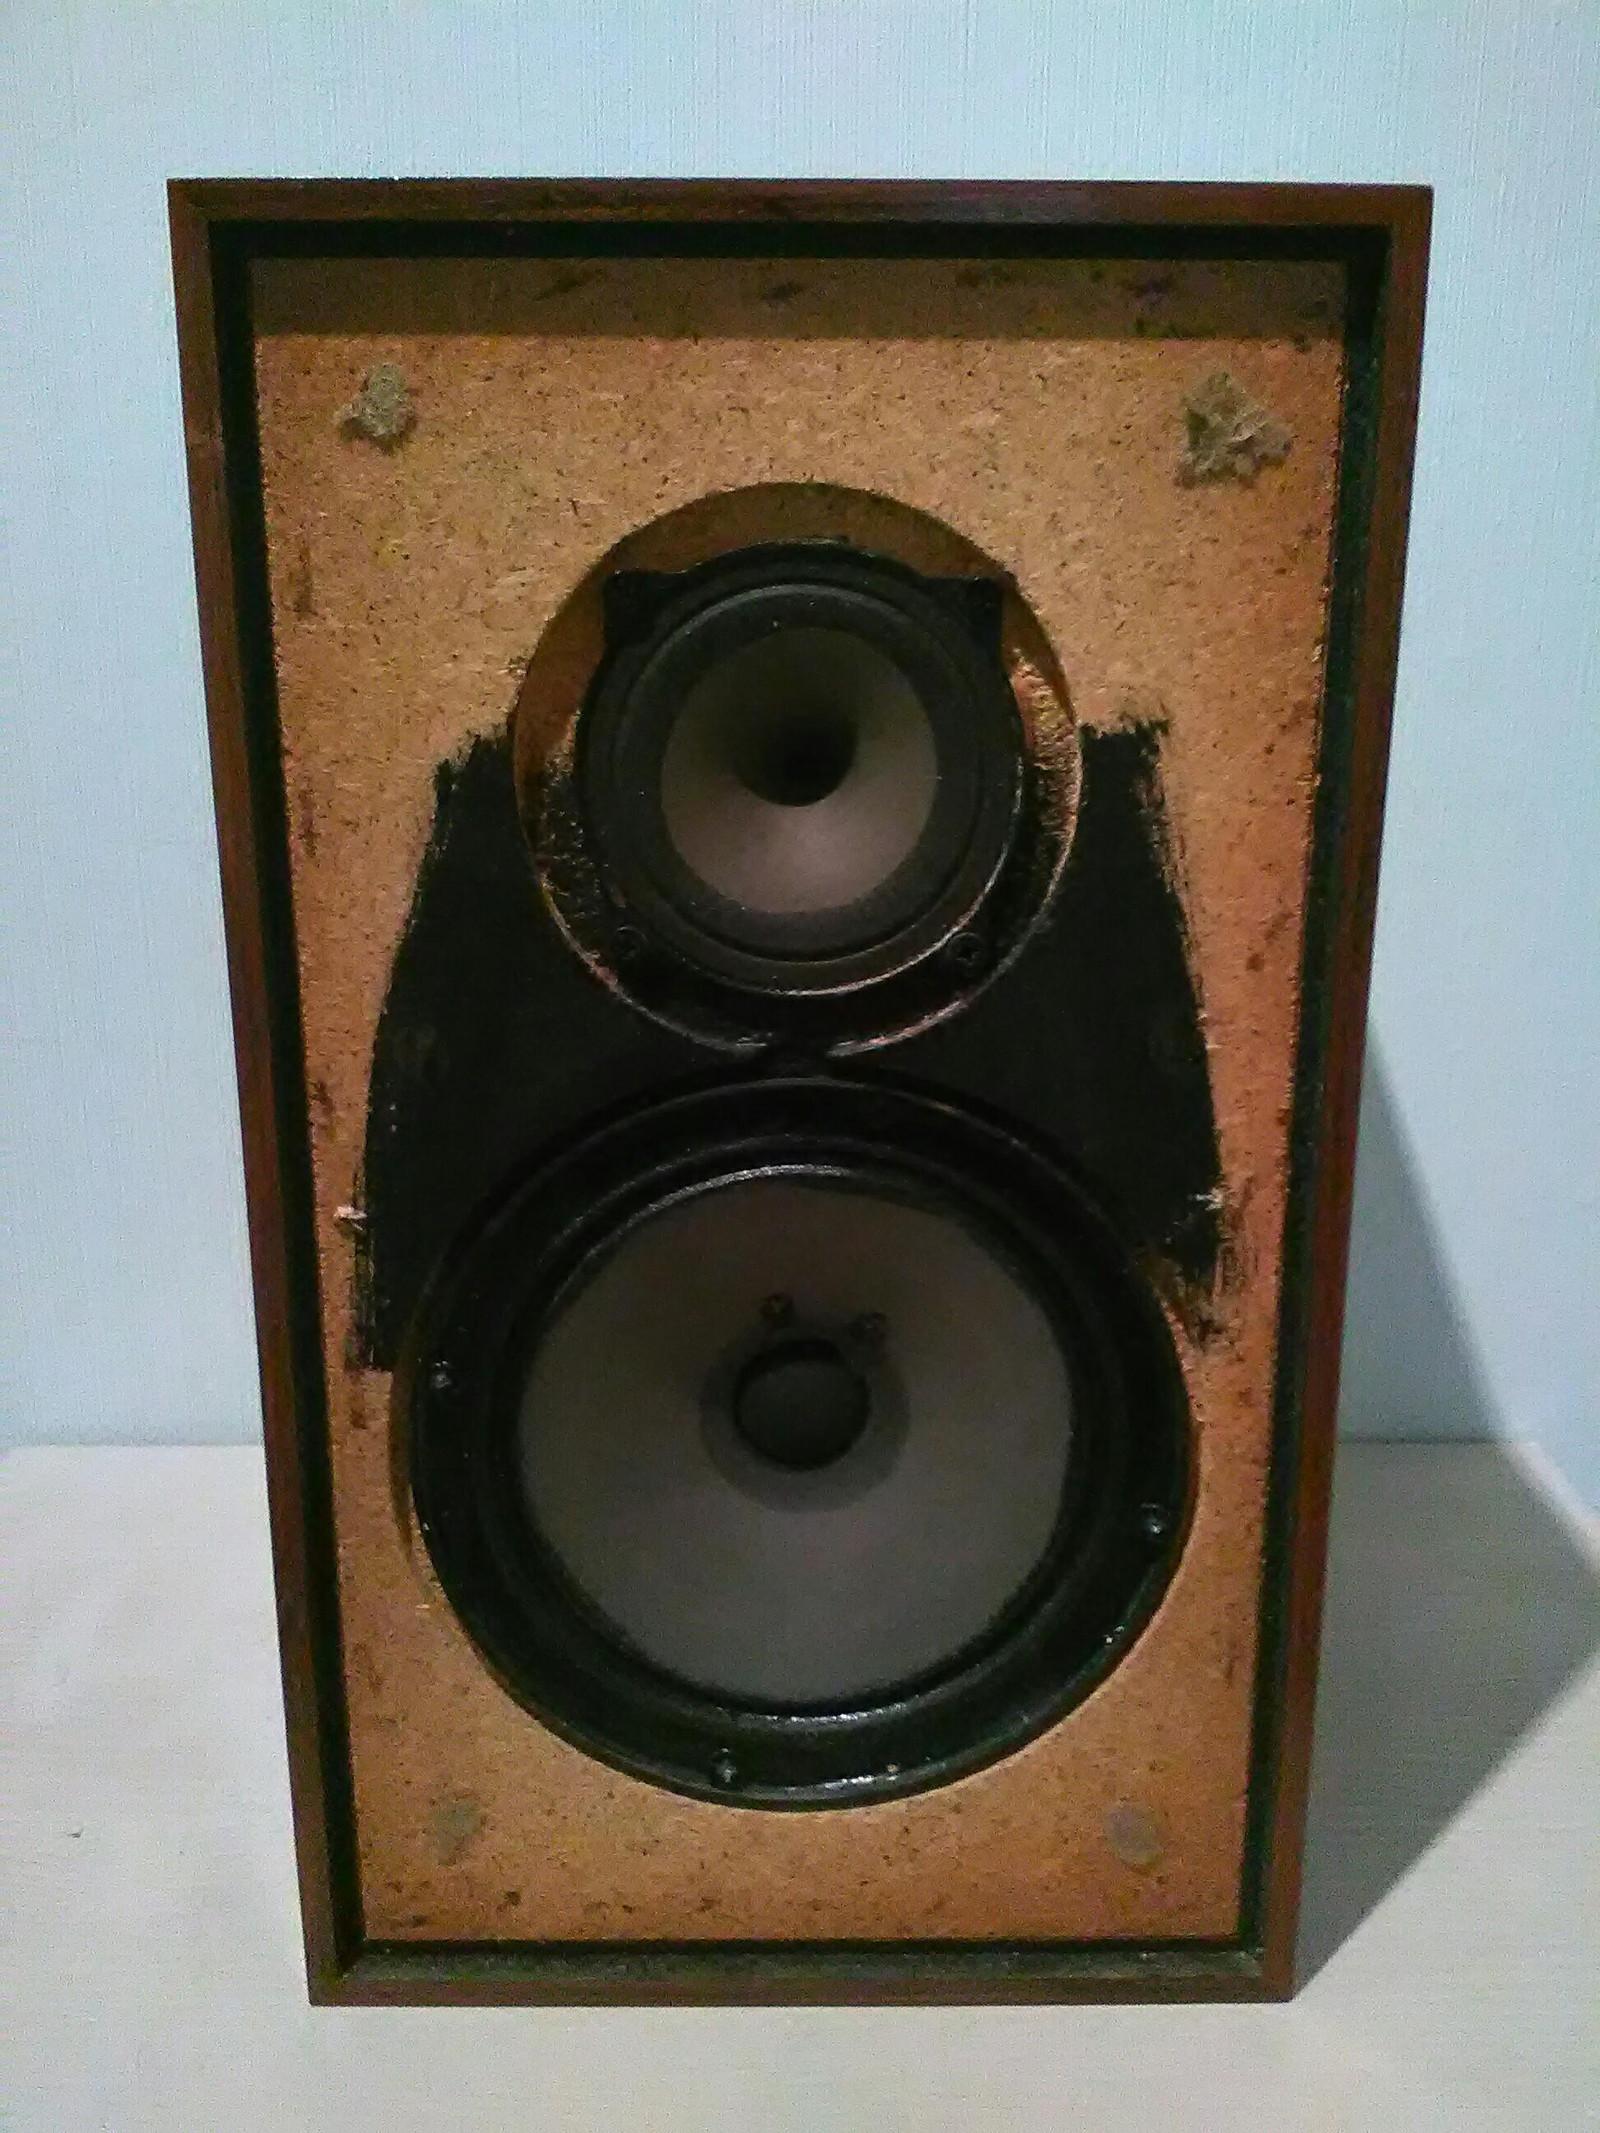 1 stk. Radionette 25W Trykkammer høyttaler TK 10 i teak